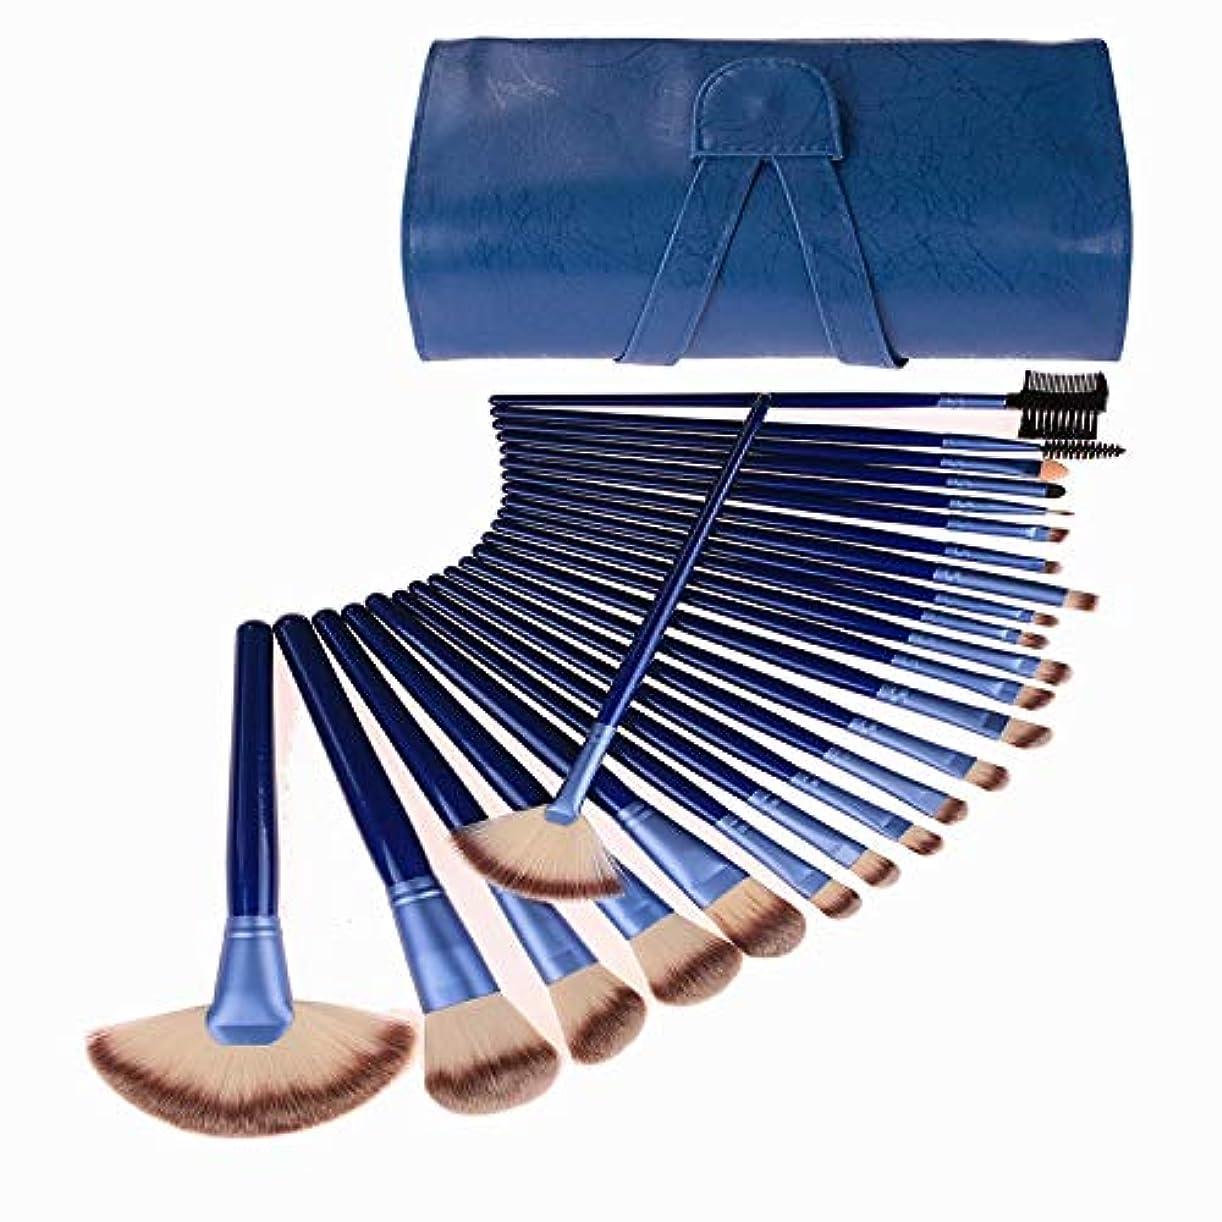 ドライバ発行西化粧ブラシスタートメーカー24個天然竹化粧ブラシセットビーガンプロ化粧品歌舞伎ブラシ化粧ブラシセット非常に柔らかい化粧ブラシセット美容スポンジ (Color : Blue)